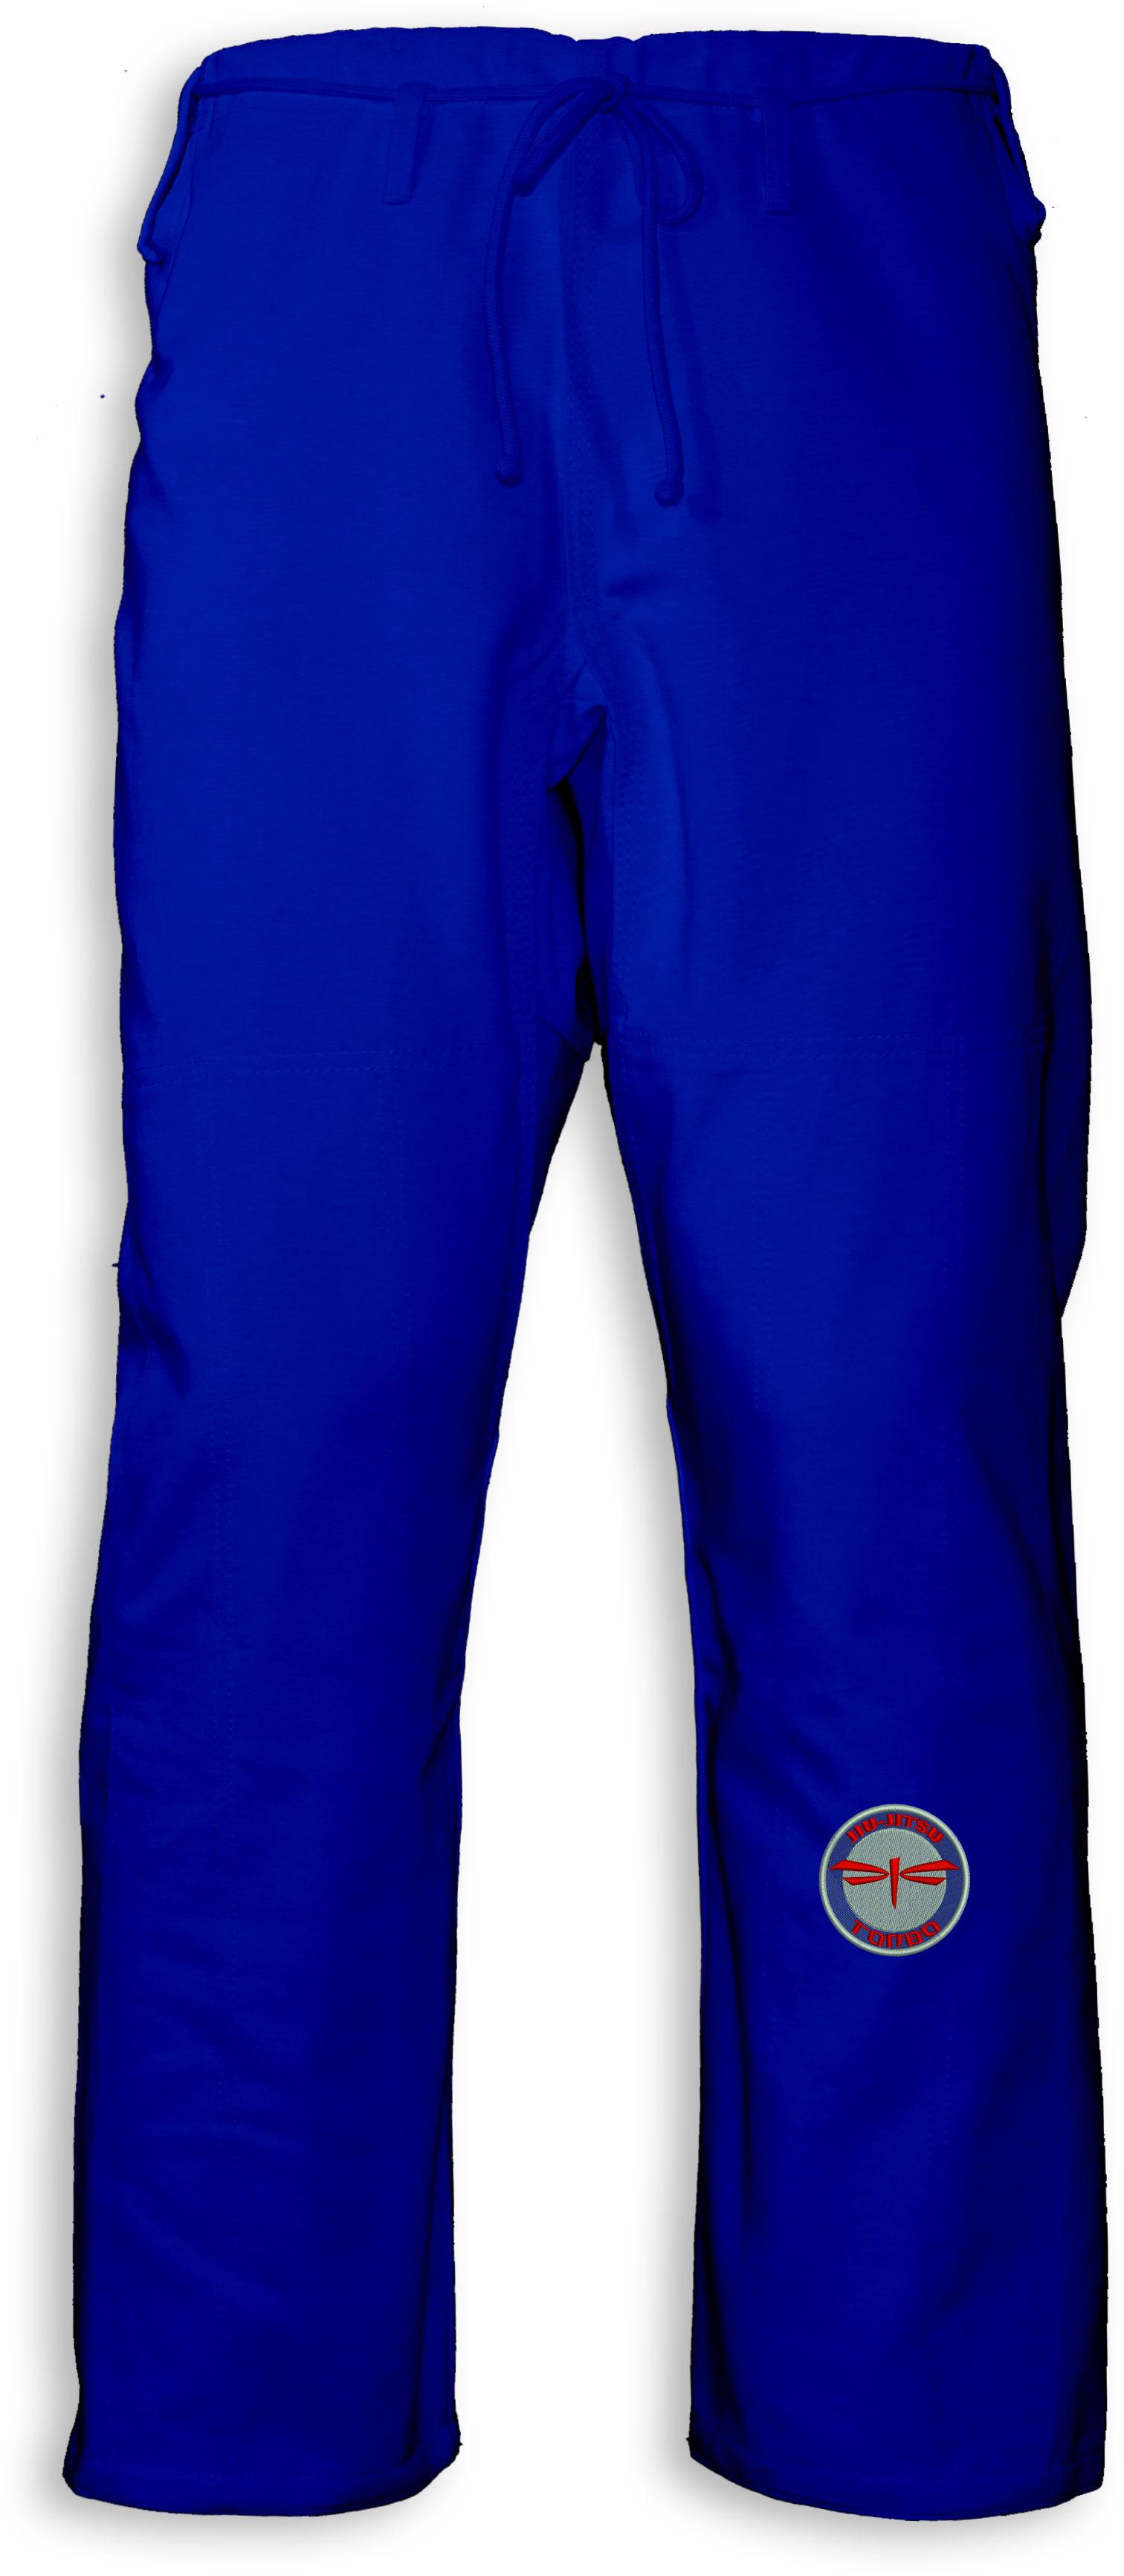 spodnie BJJ / Jiu-jitsu NAKED, niebieskie, 12oz (27 rozmiarów)